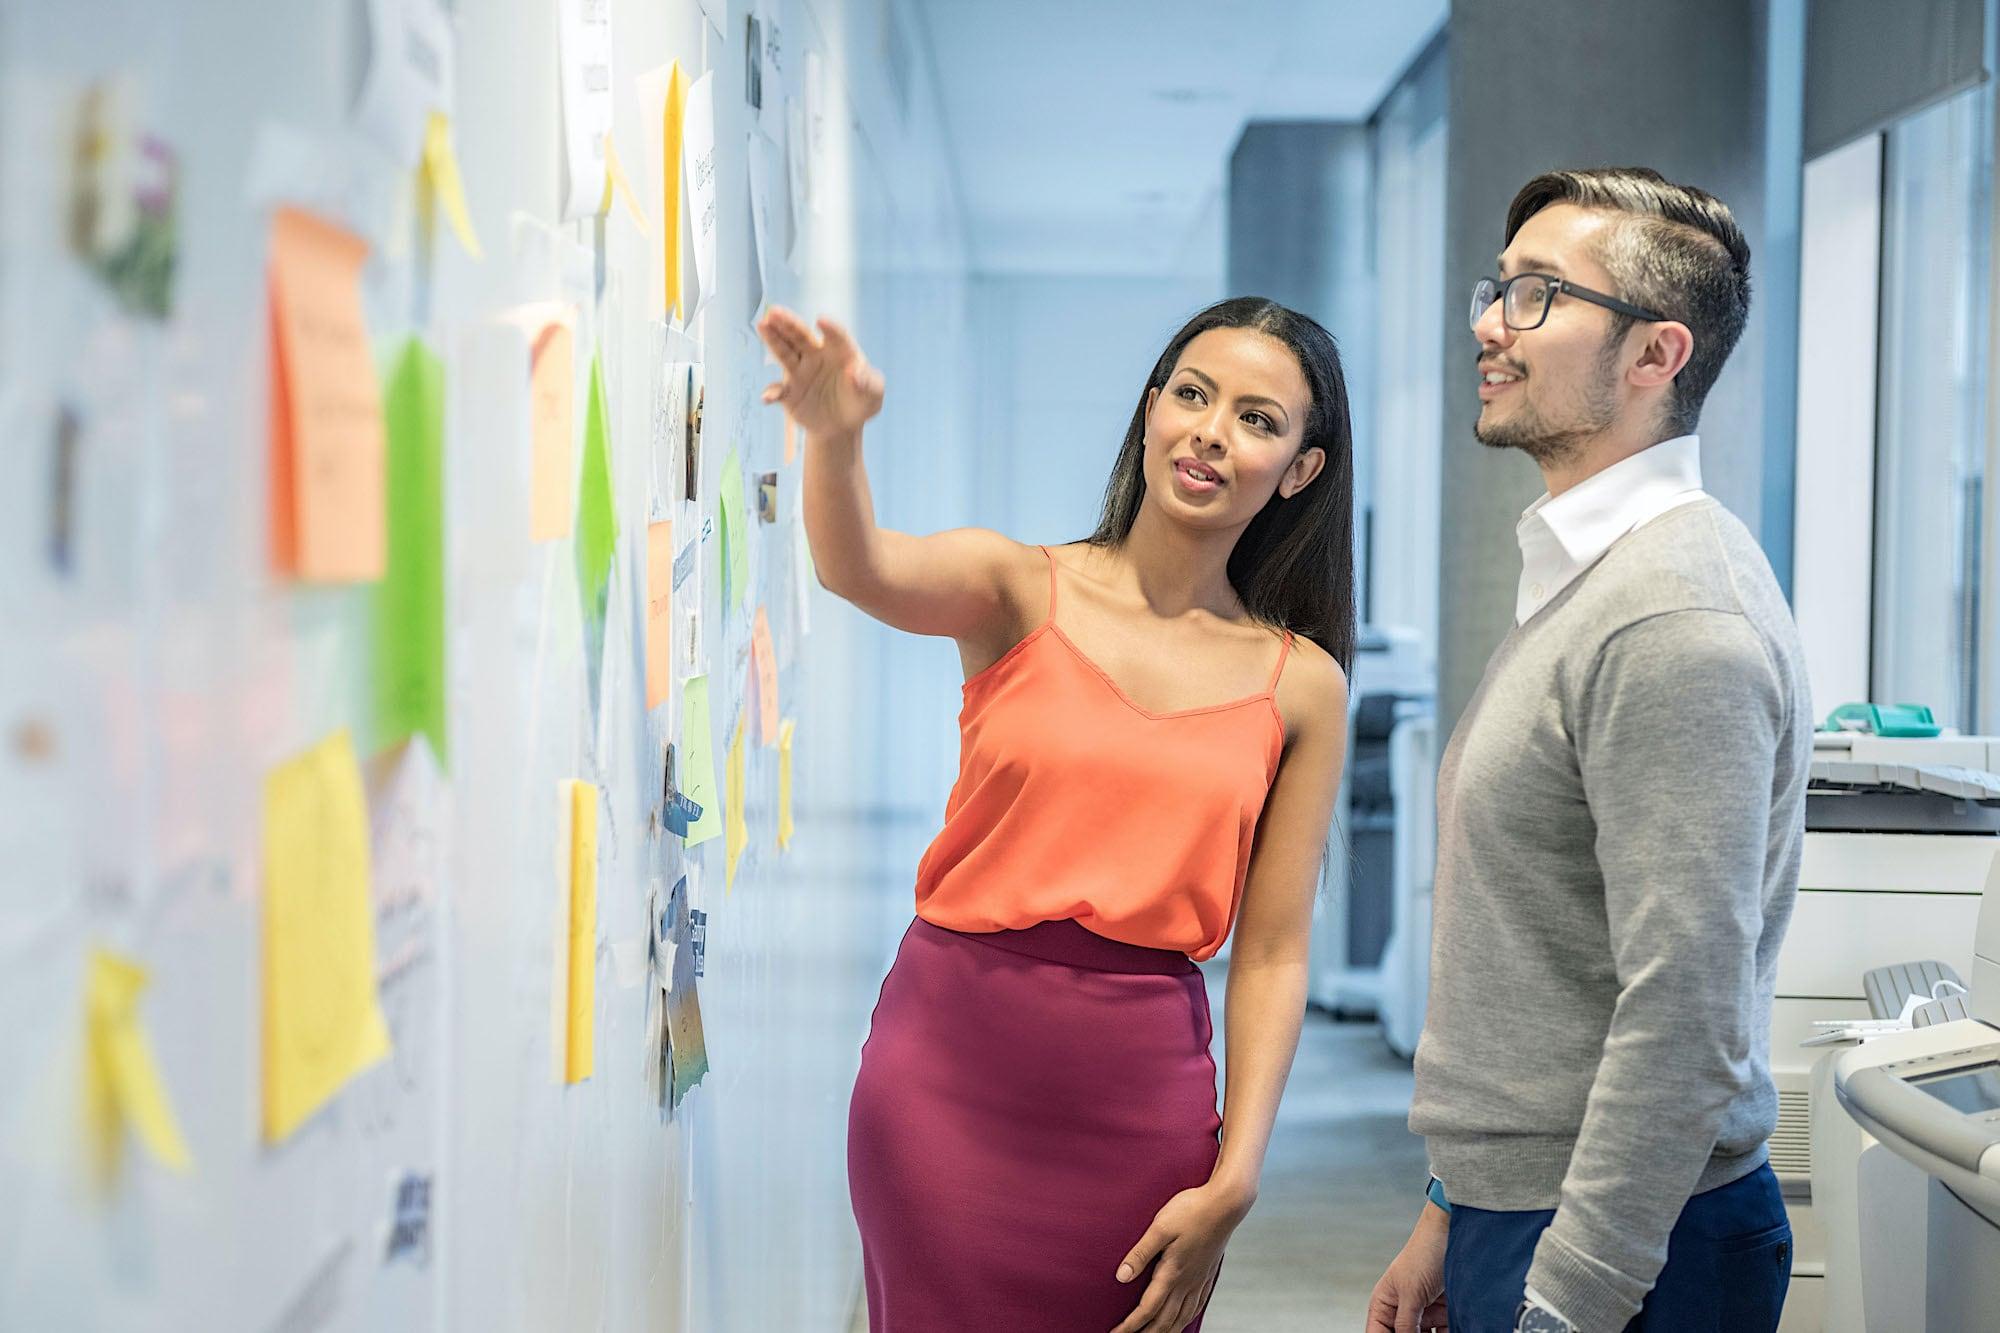 Công ty khởi nghiệp hay tập đoàn? Đâu là nơi phù hợp cho bạn?